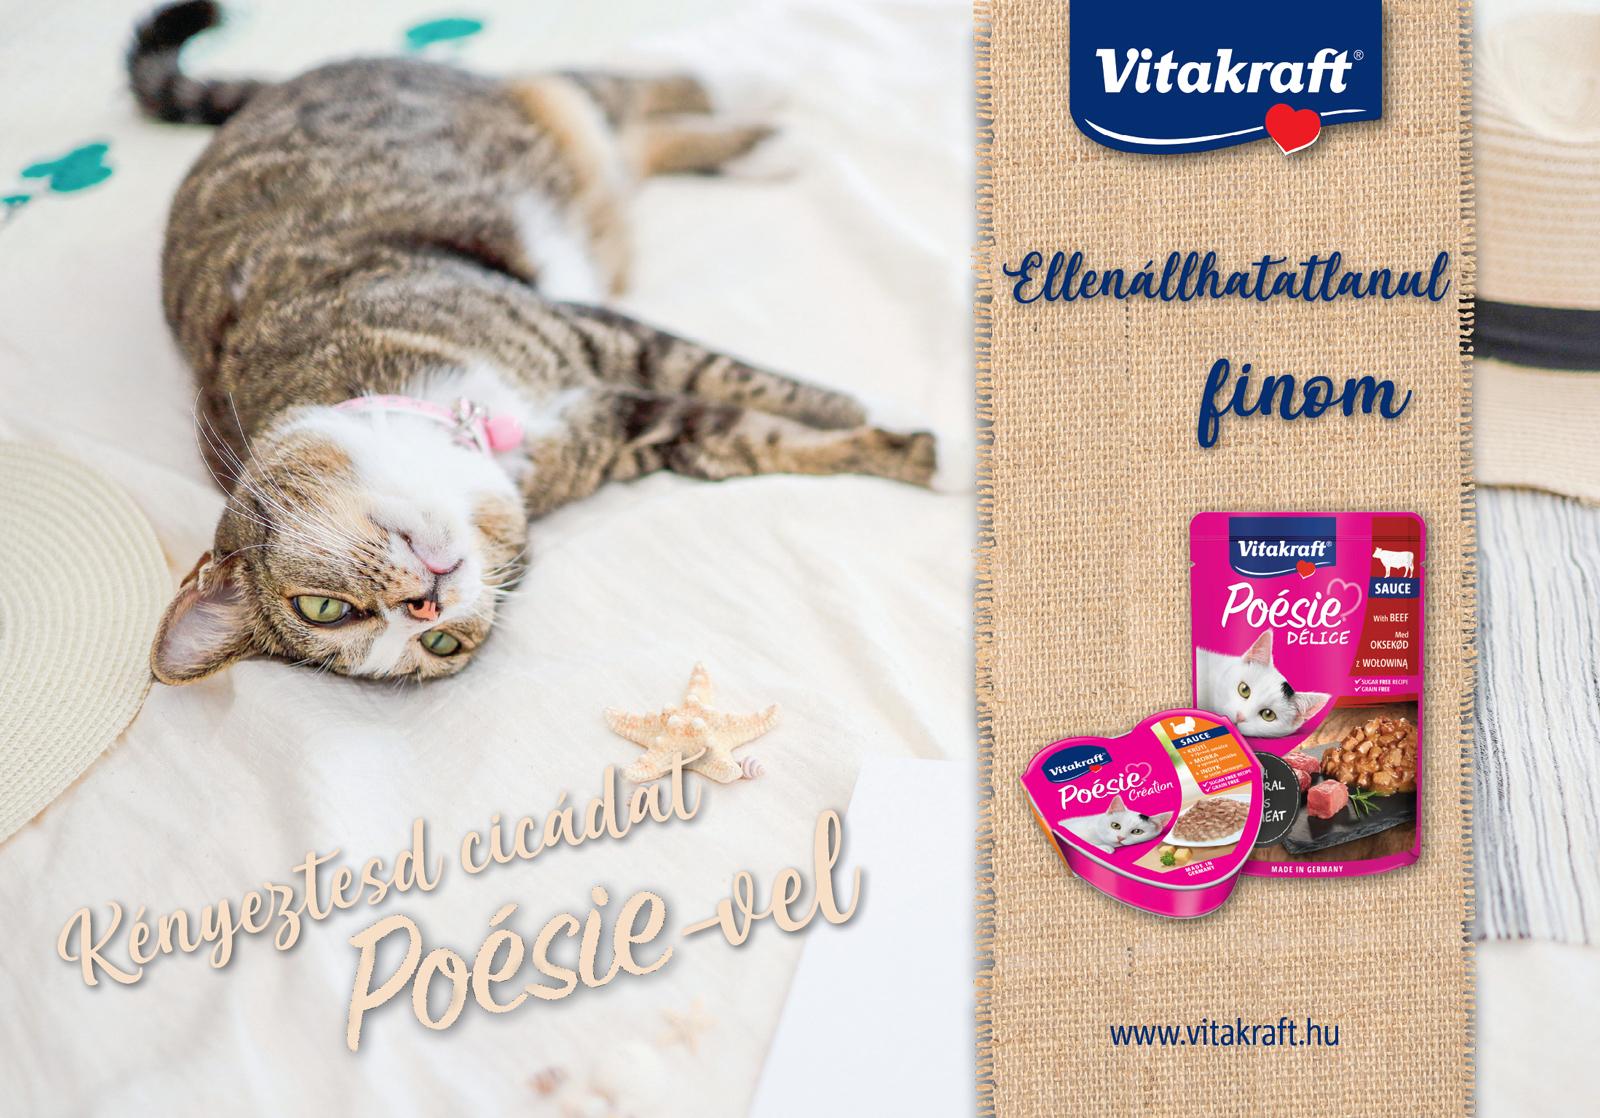 Vitakraft Poésie macskaeledelek